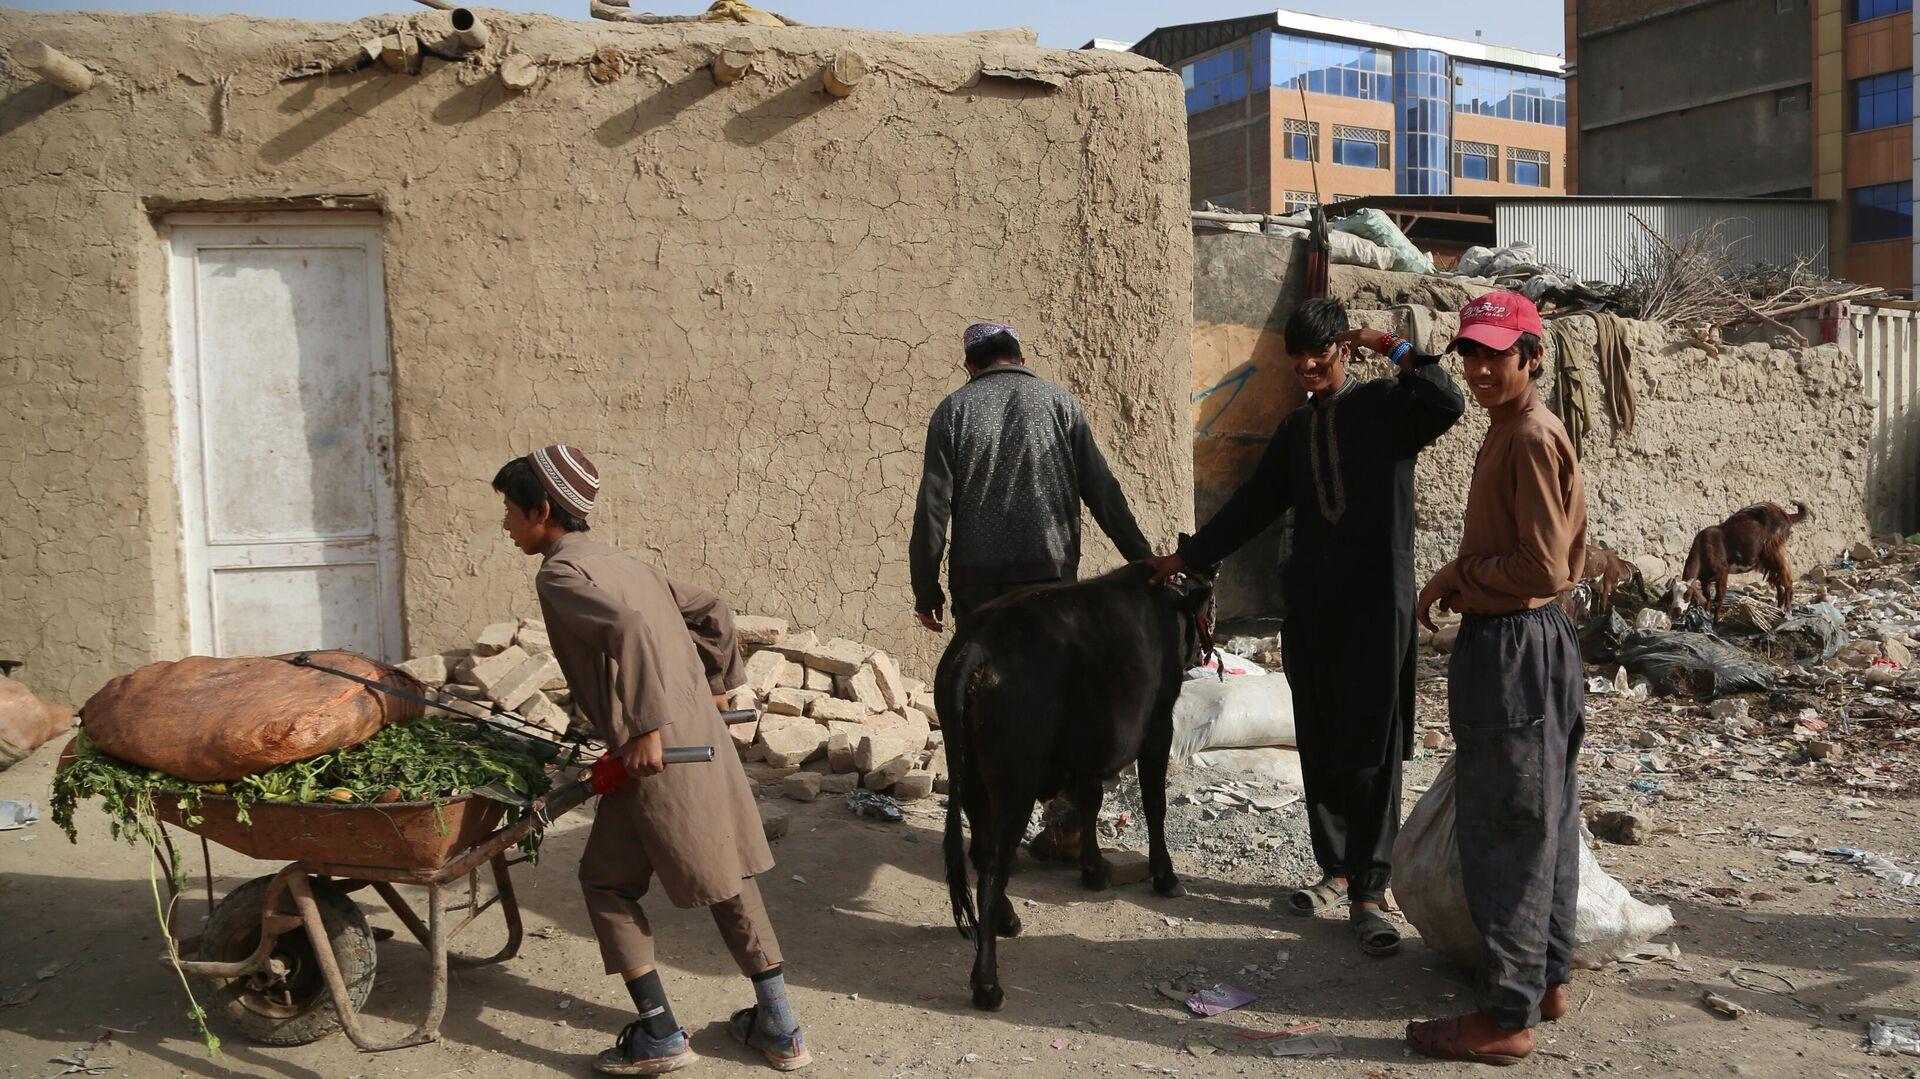 Беженцы из зоны боевых действий в Афганистане - Sputnik Таджикистан, 1920, 20.08.2021